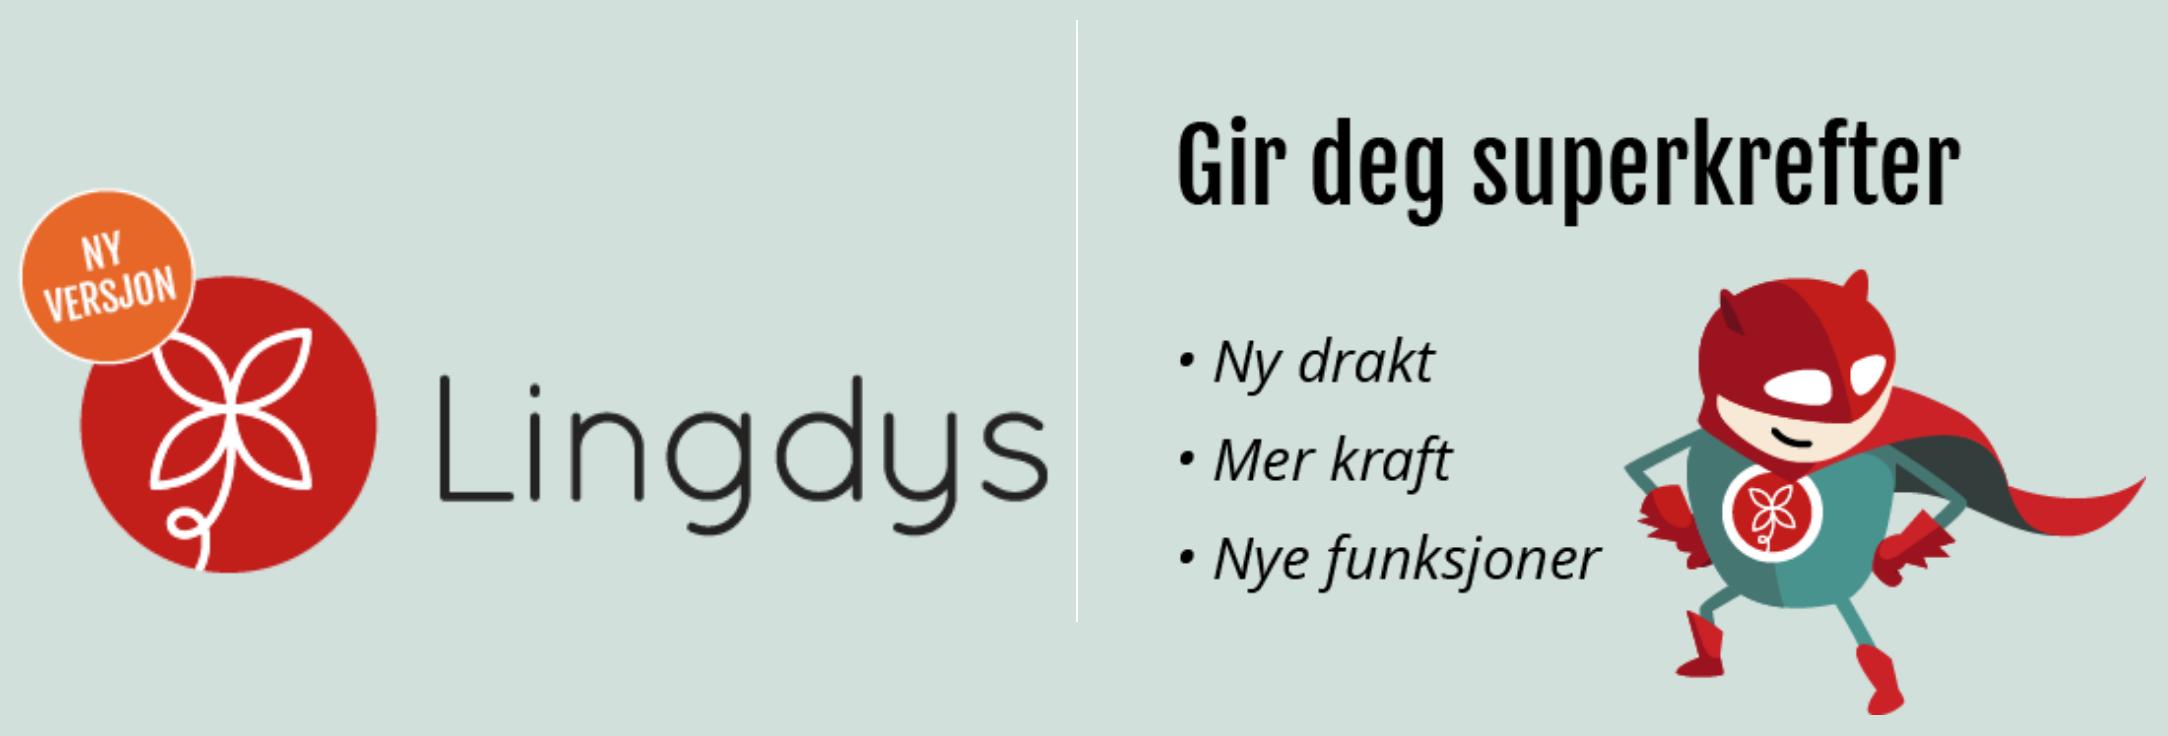 Lingdys versjon 4, nå får du: